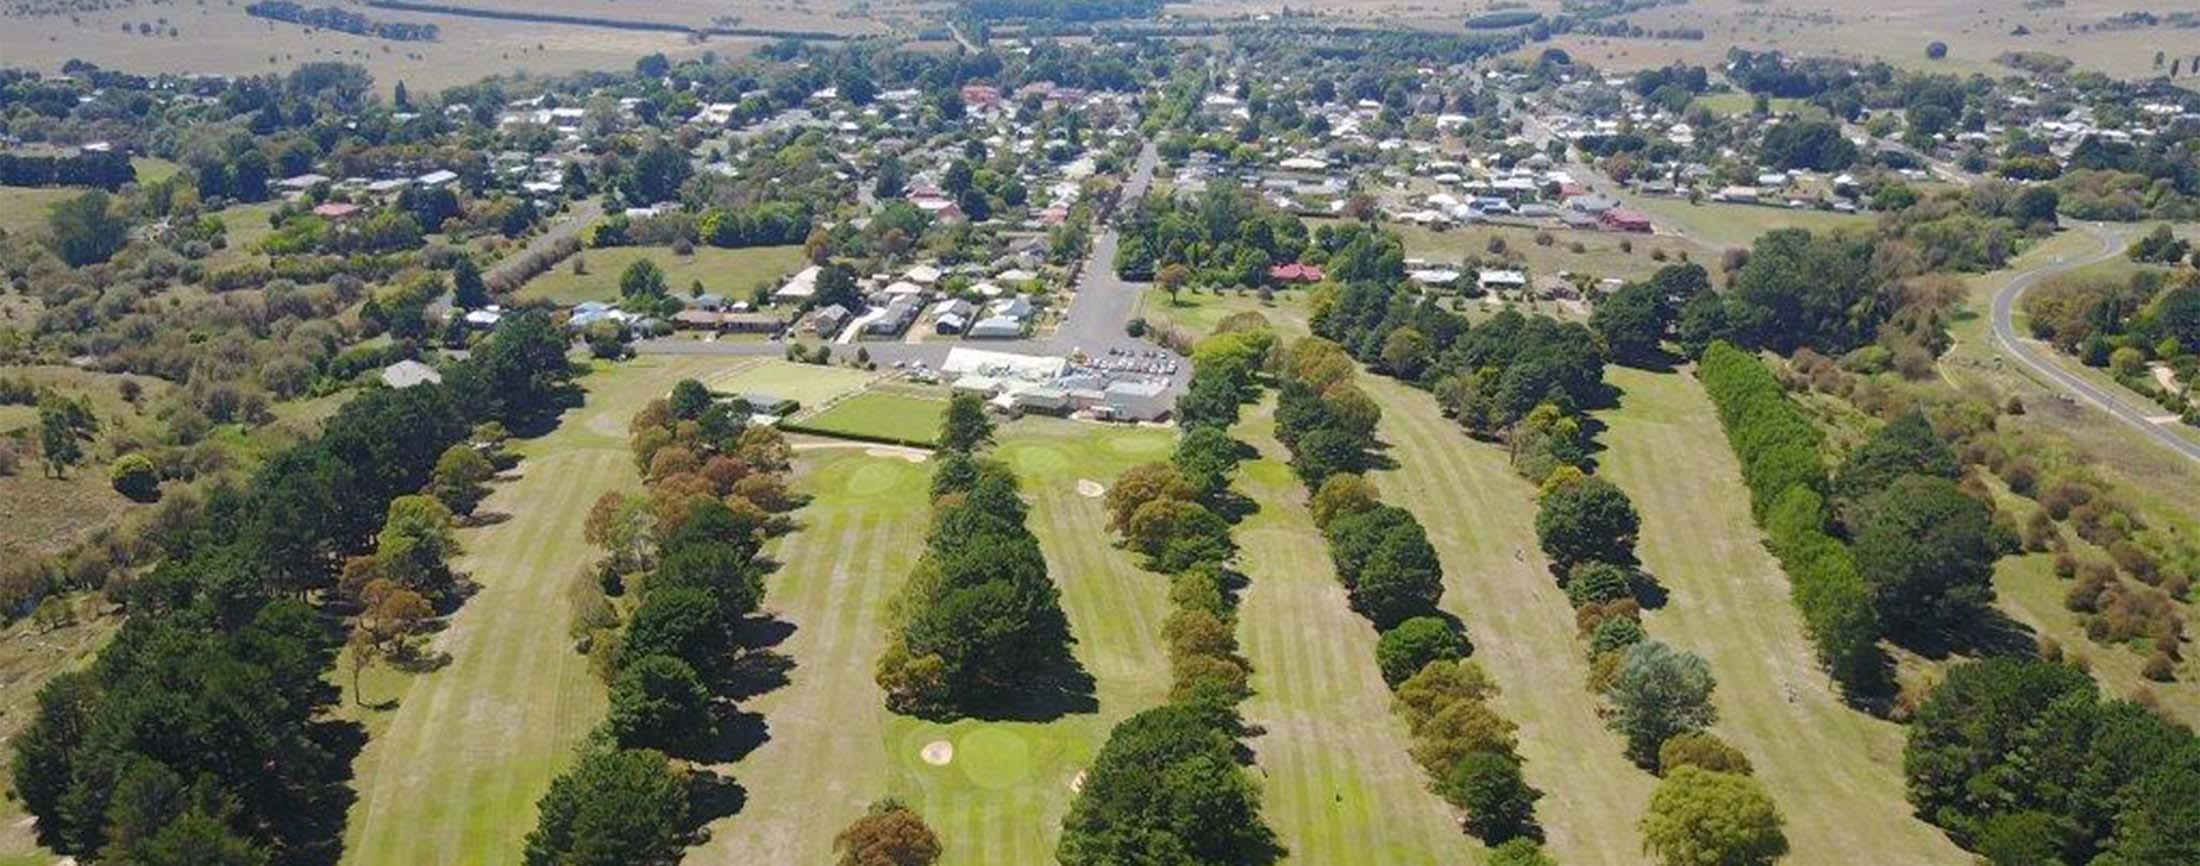 Braidwood Golf Club